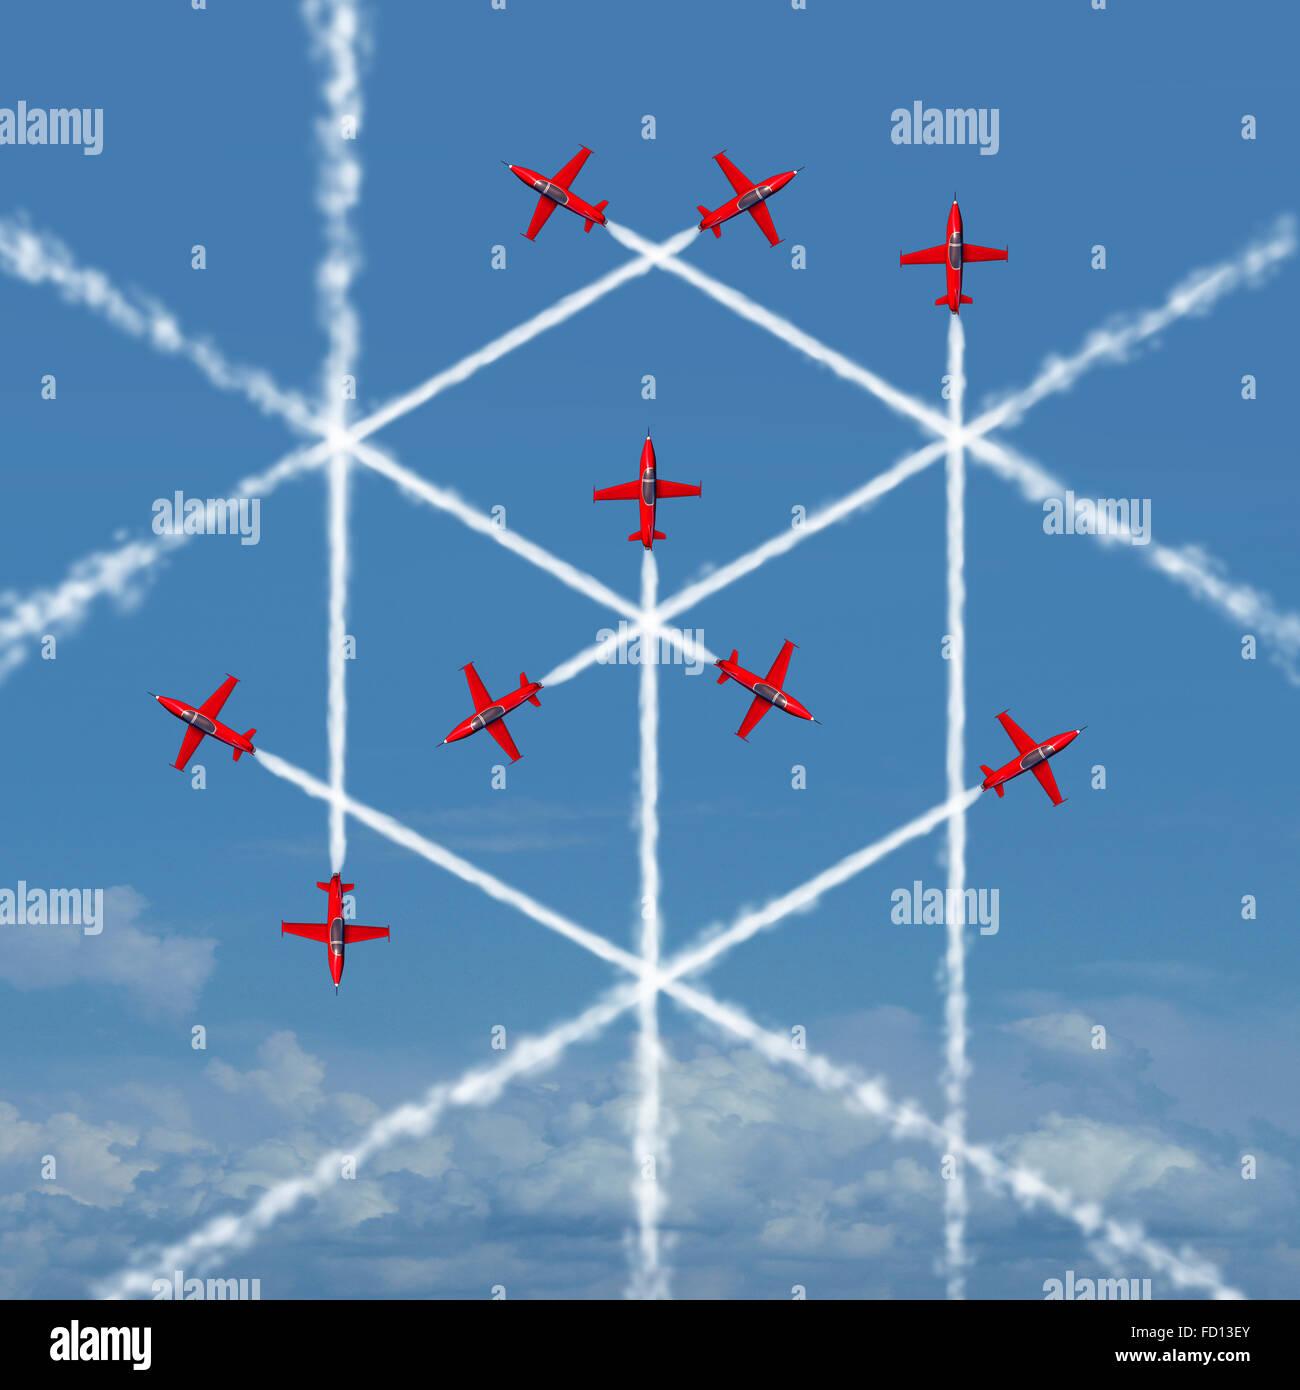 Cubo geométrico como un concepto abstracto de forma cuadrada tridimensional creado por el rastro de humo de Imagen De Stock